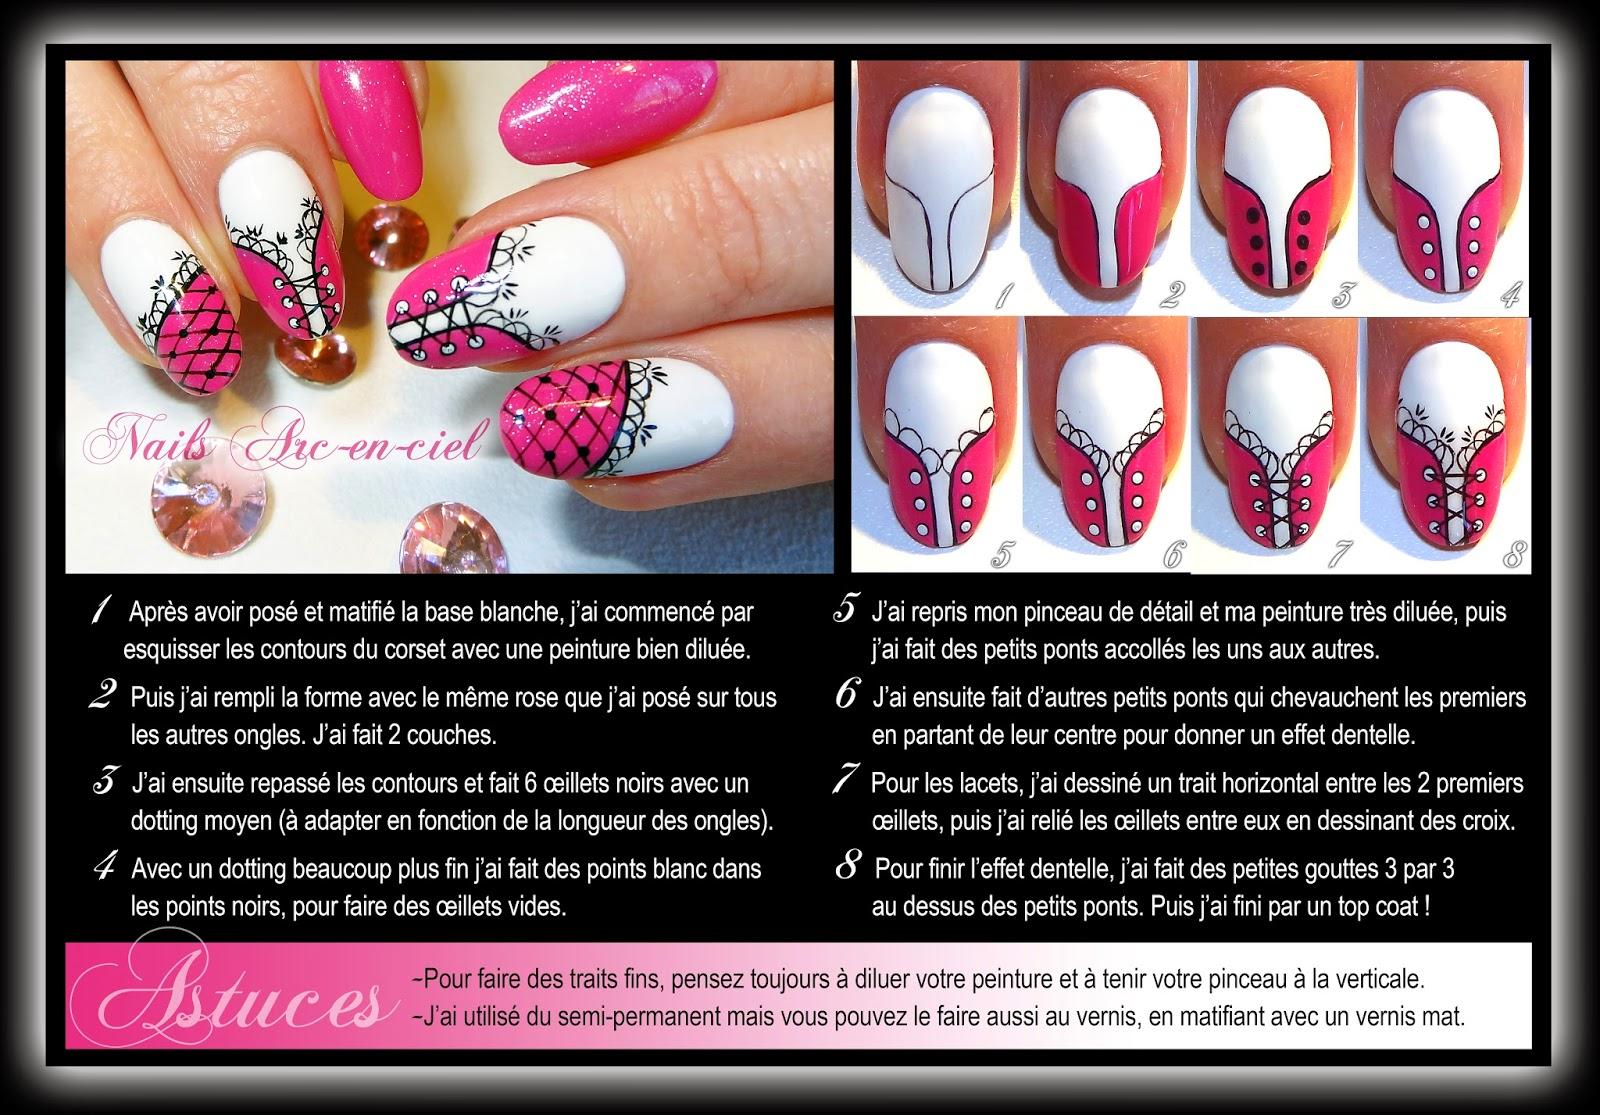 Exceptionnel Nails Arc-en-ciel: Tuto nail art Corset Barbie XG71